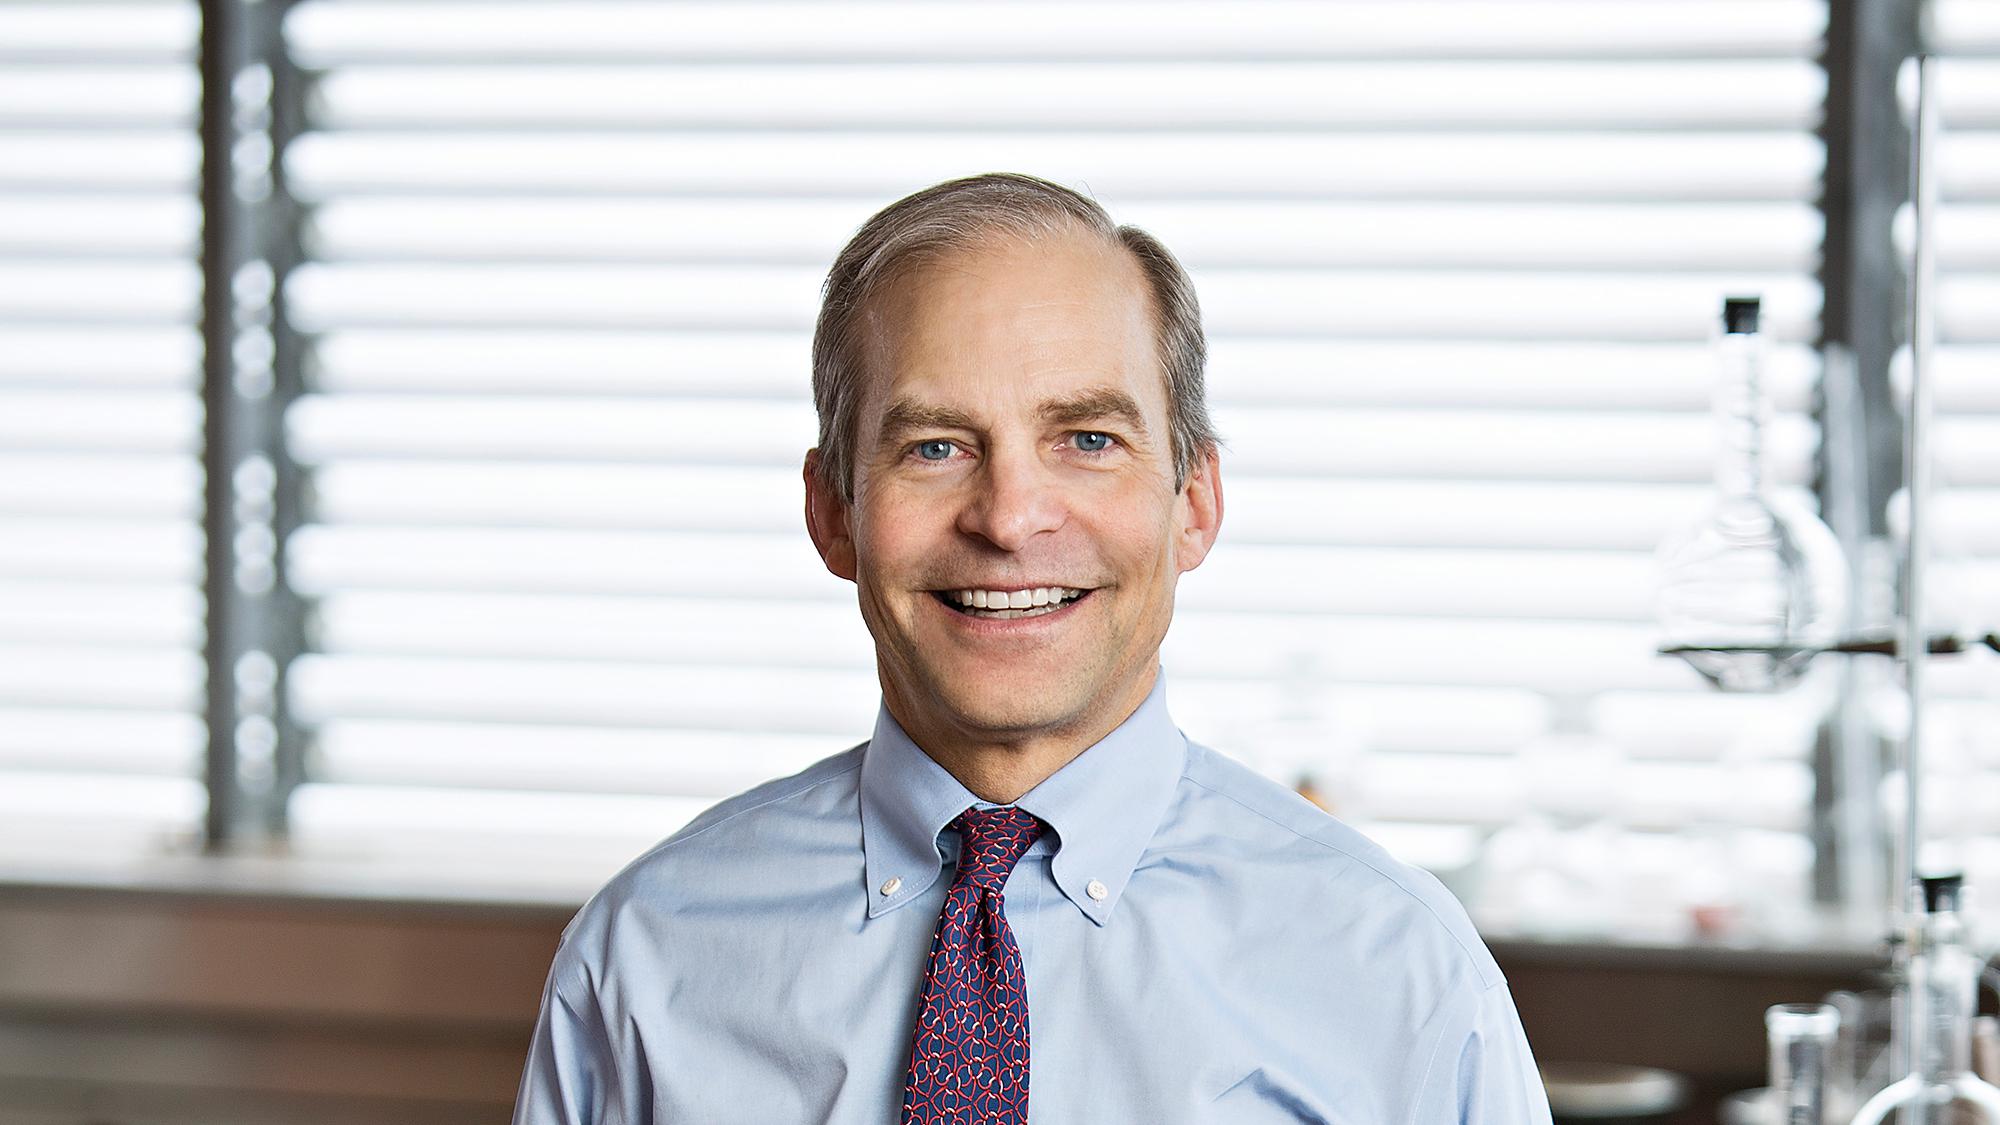 H. Fisk Johnson promuove standard aziendali più elevati e una maggiore trasparenza dei prodotti